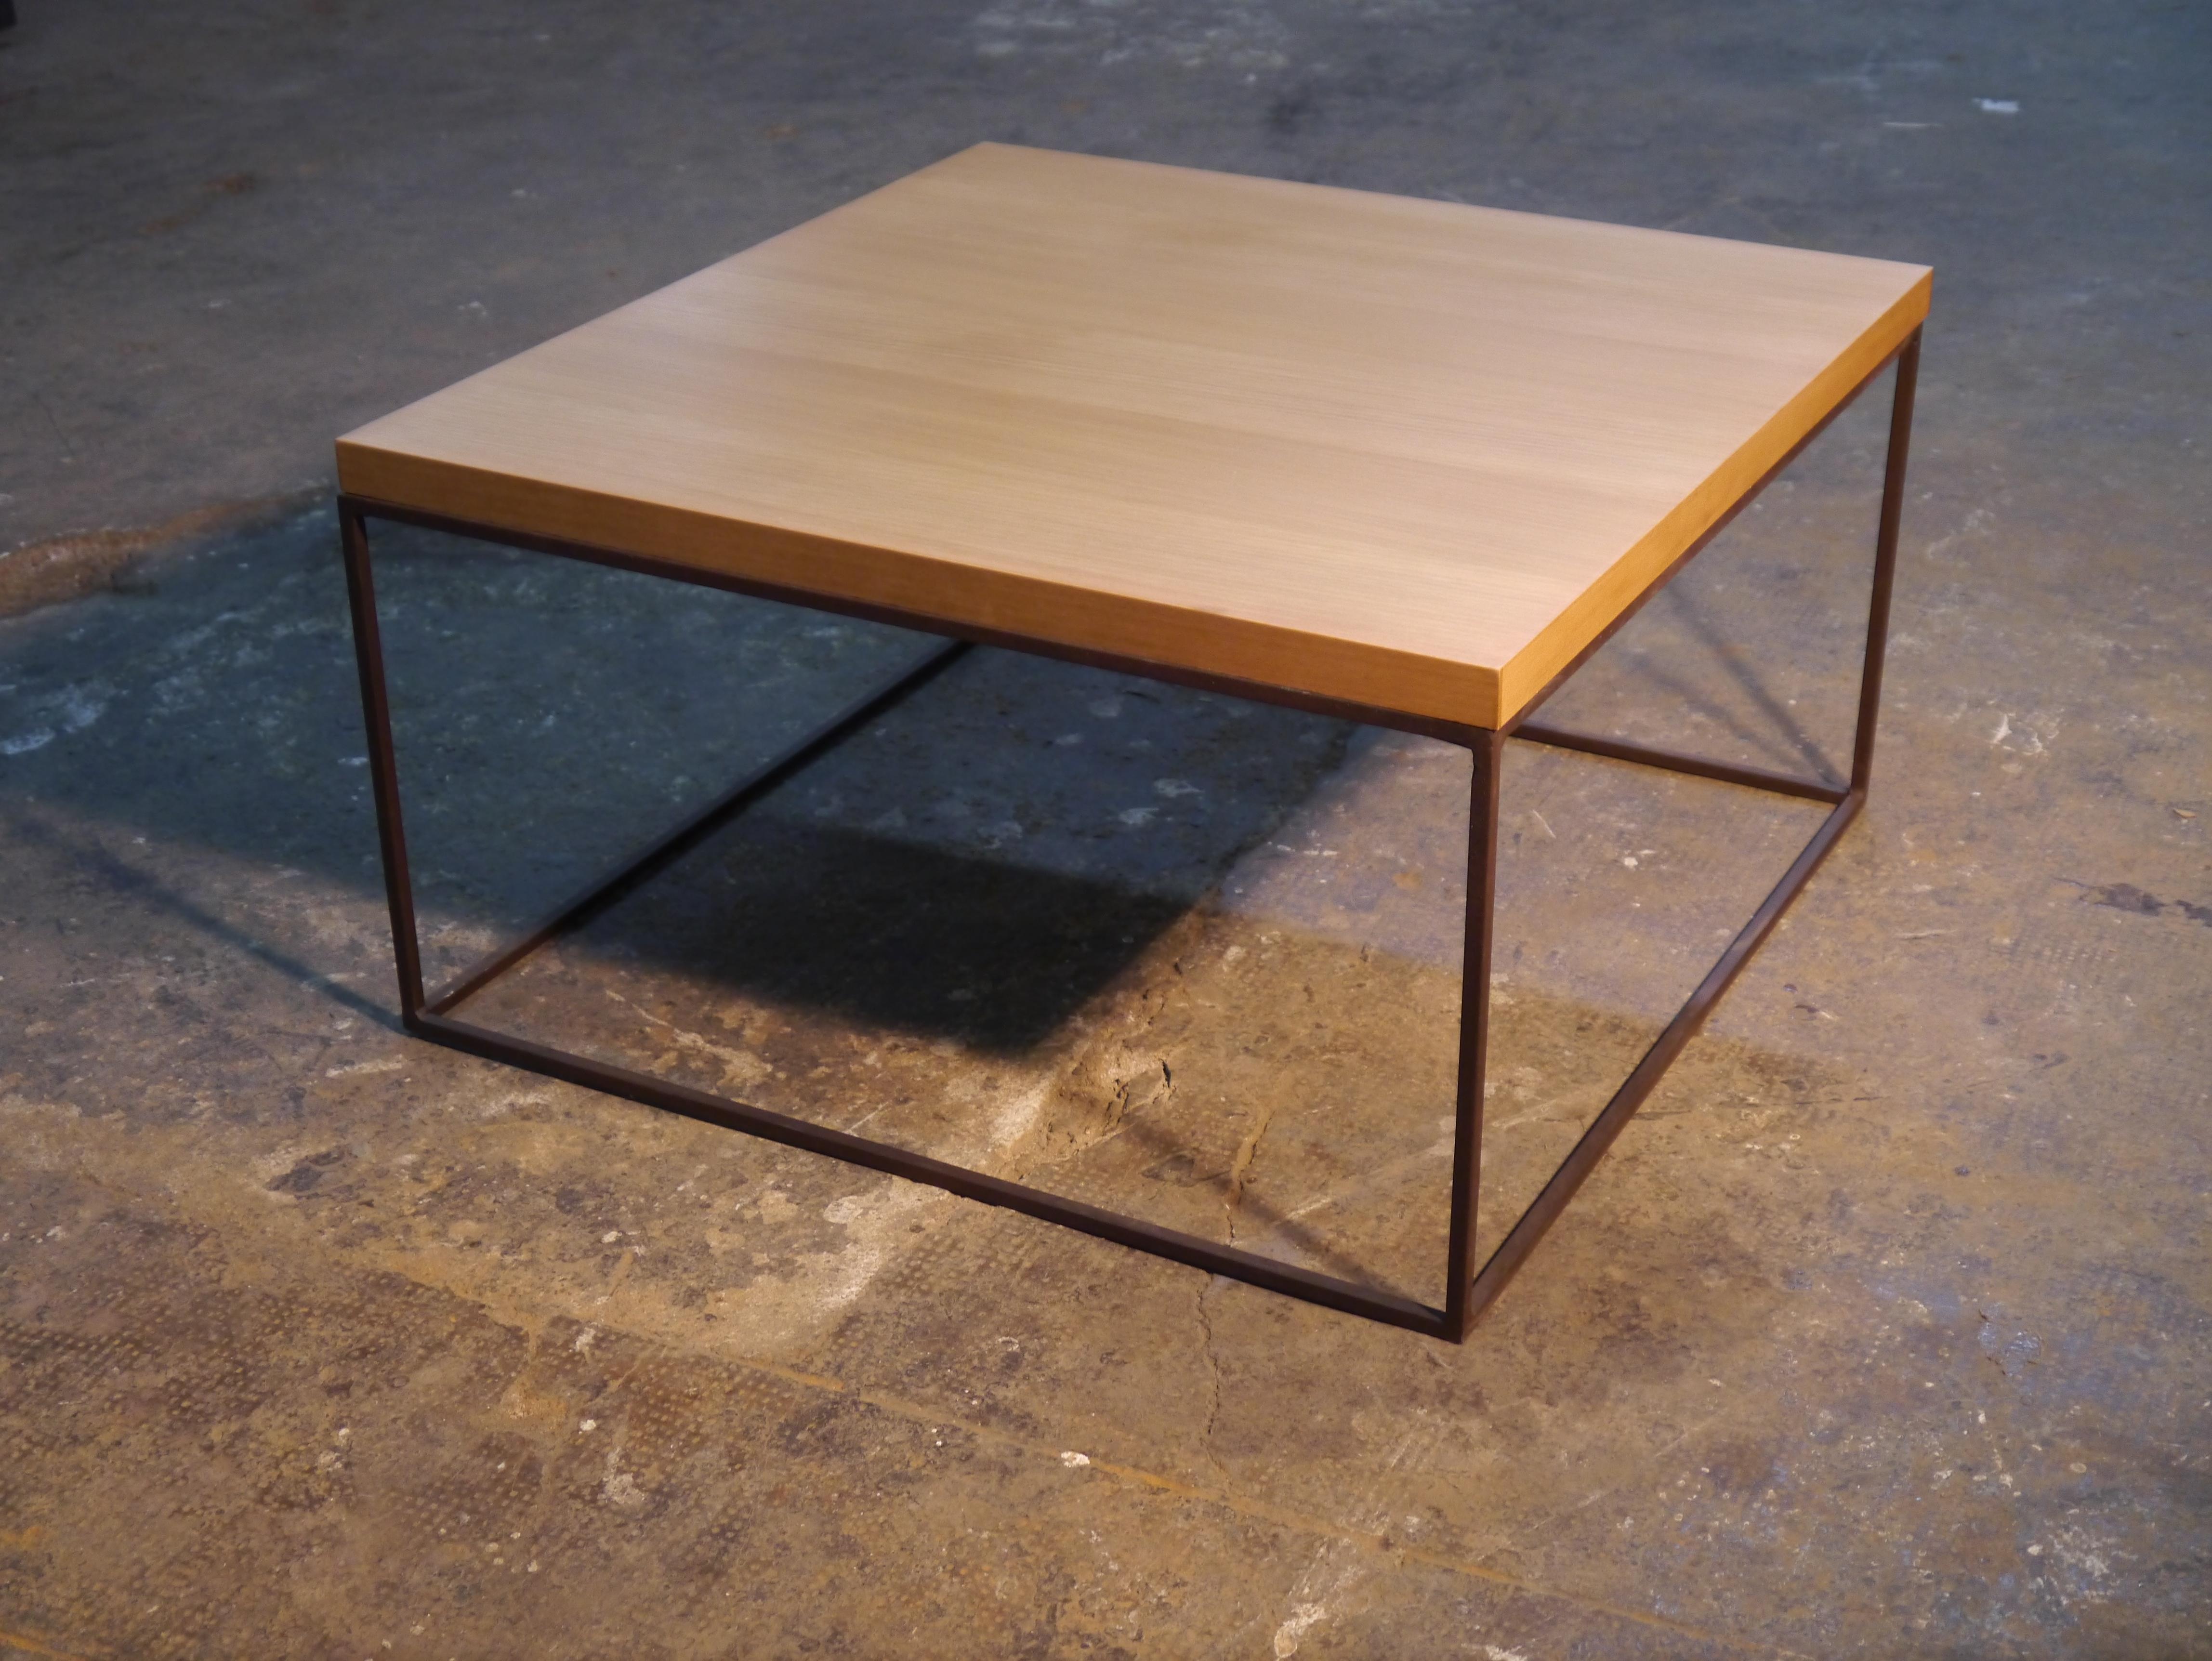 Mesas y sillas en metal de estilo industrial en hierro y - Mesa madera hierro ...